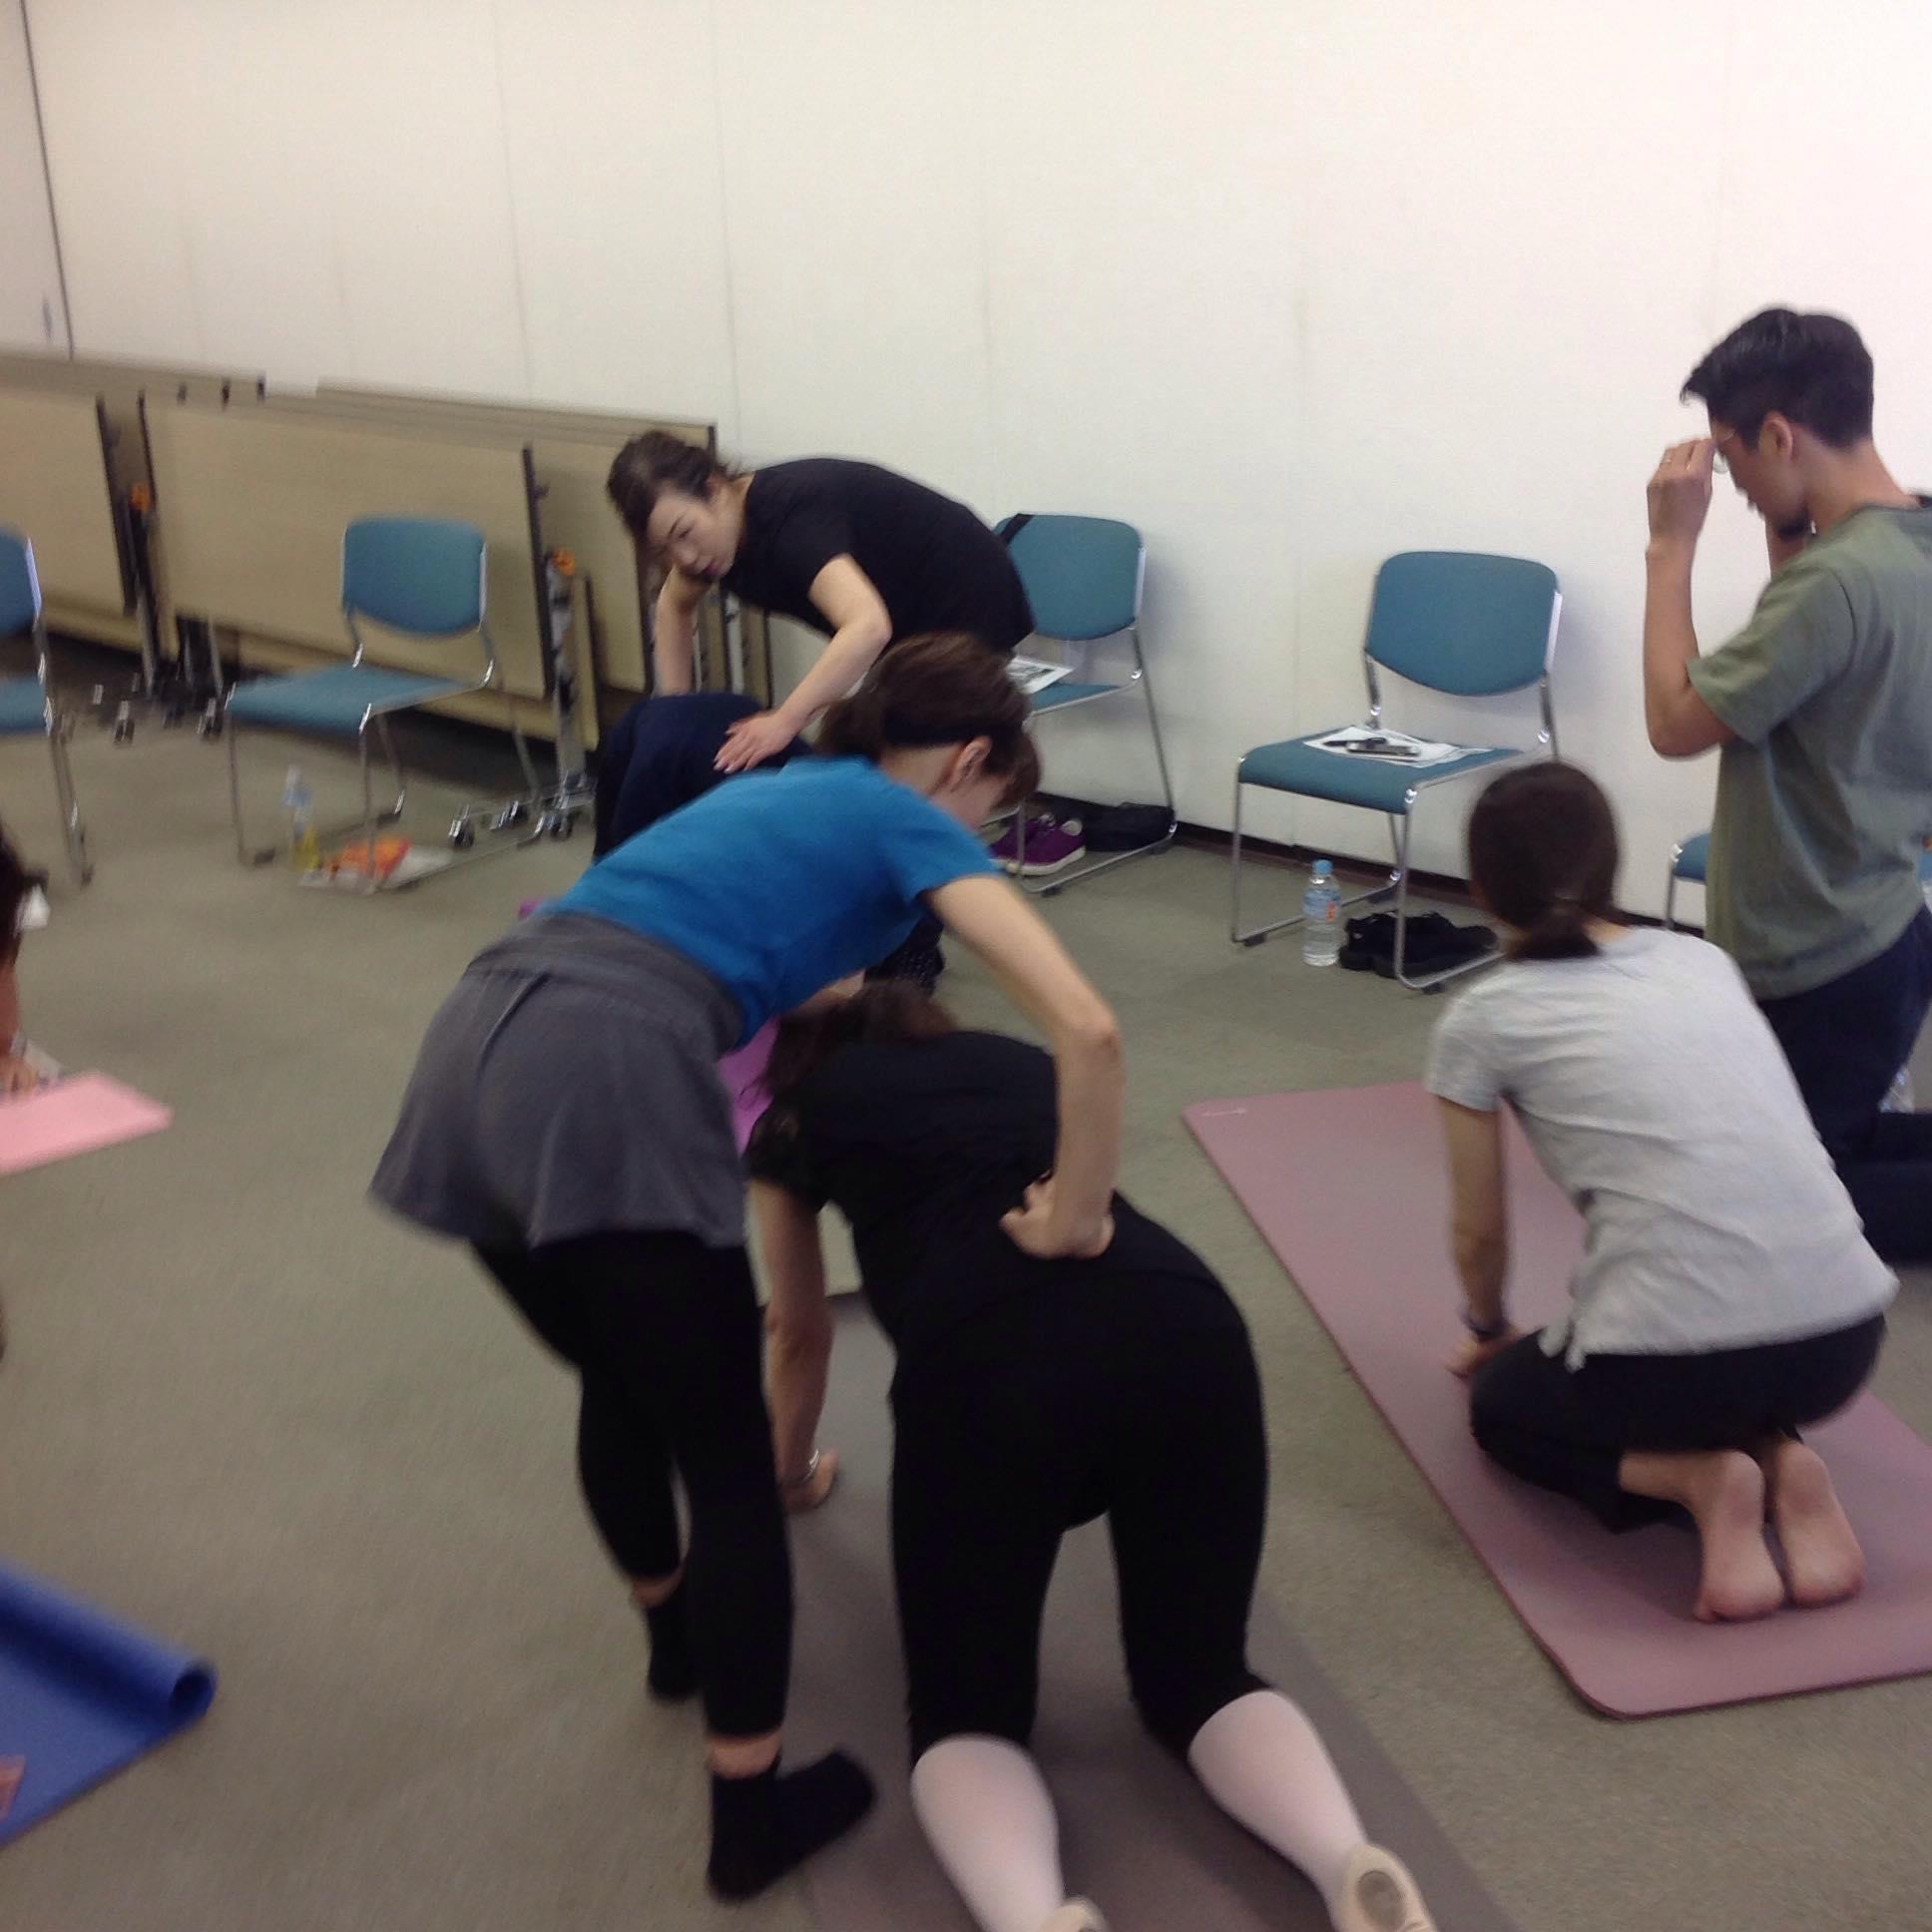 神戸カラダの座学2てあて整体スクール